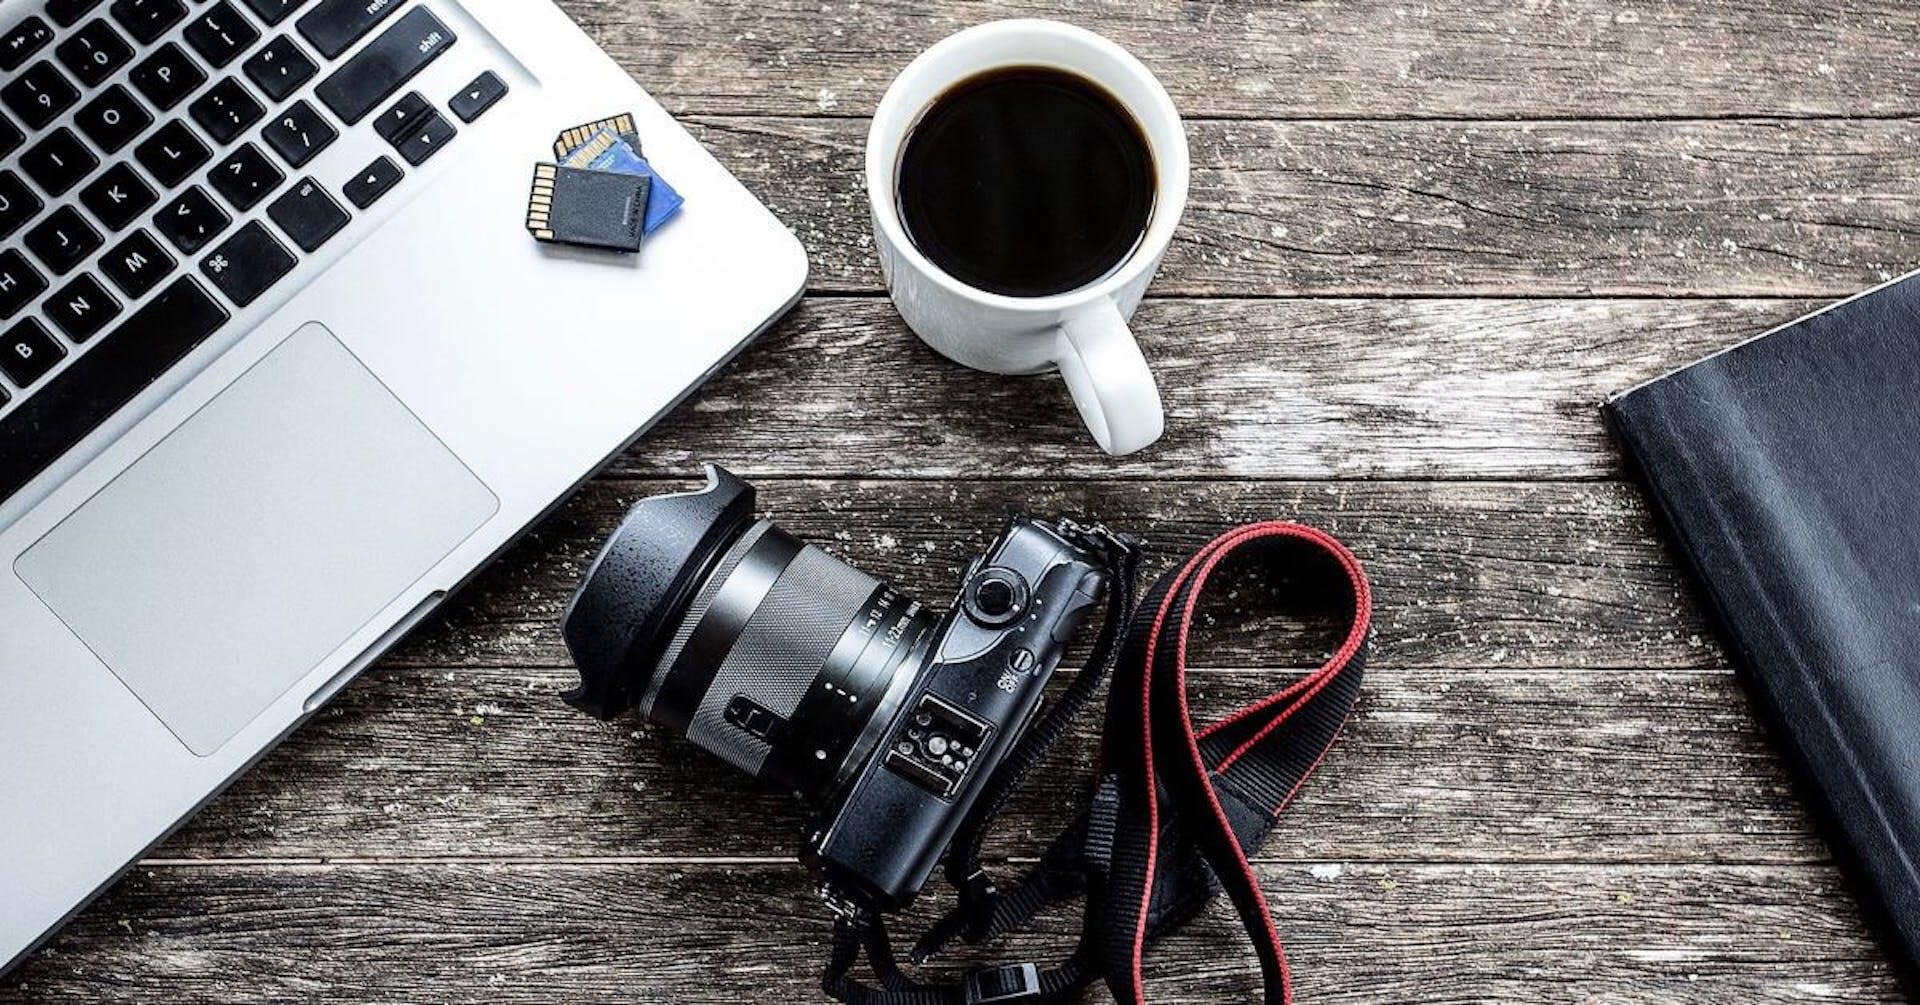 +5 programas para organizar fotos y hacer de tus recuerdos un álbum memorable